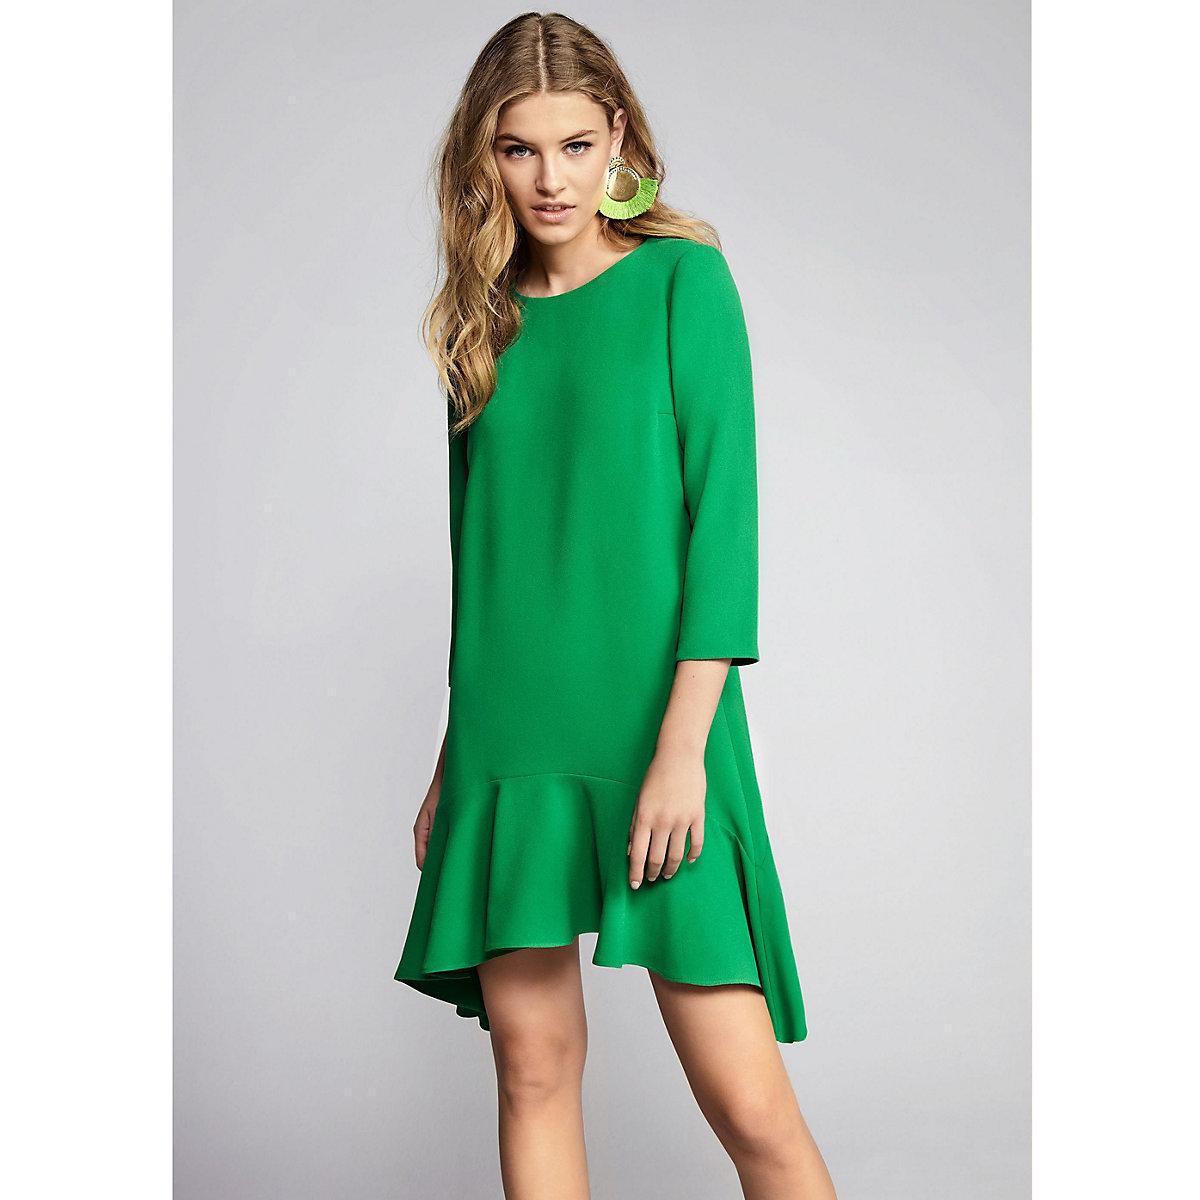 Grünes Swing-Kleid mit Rüschensaum - Kleider - Sale - Damen